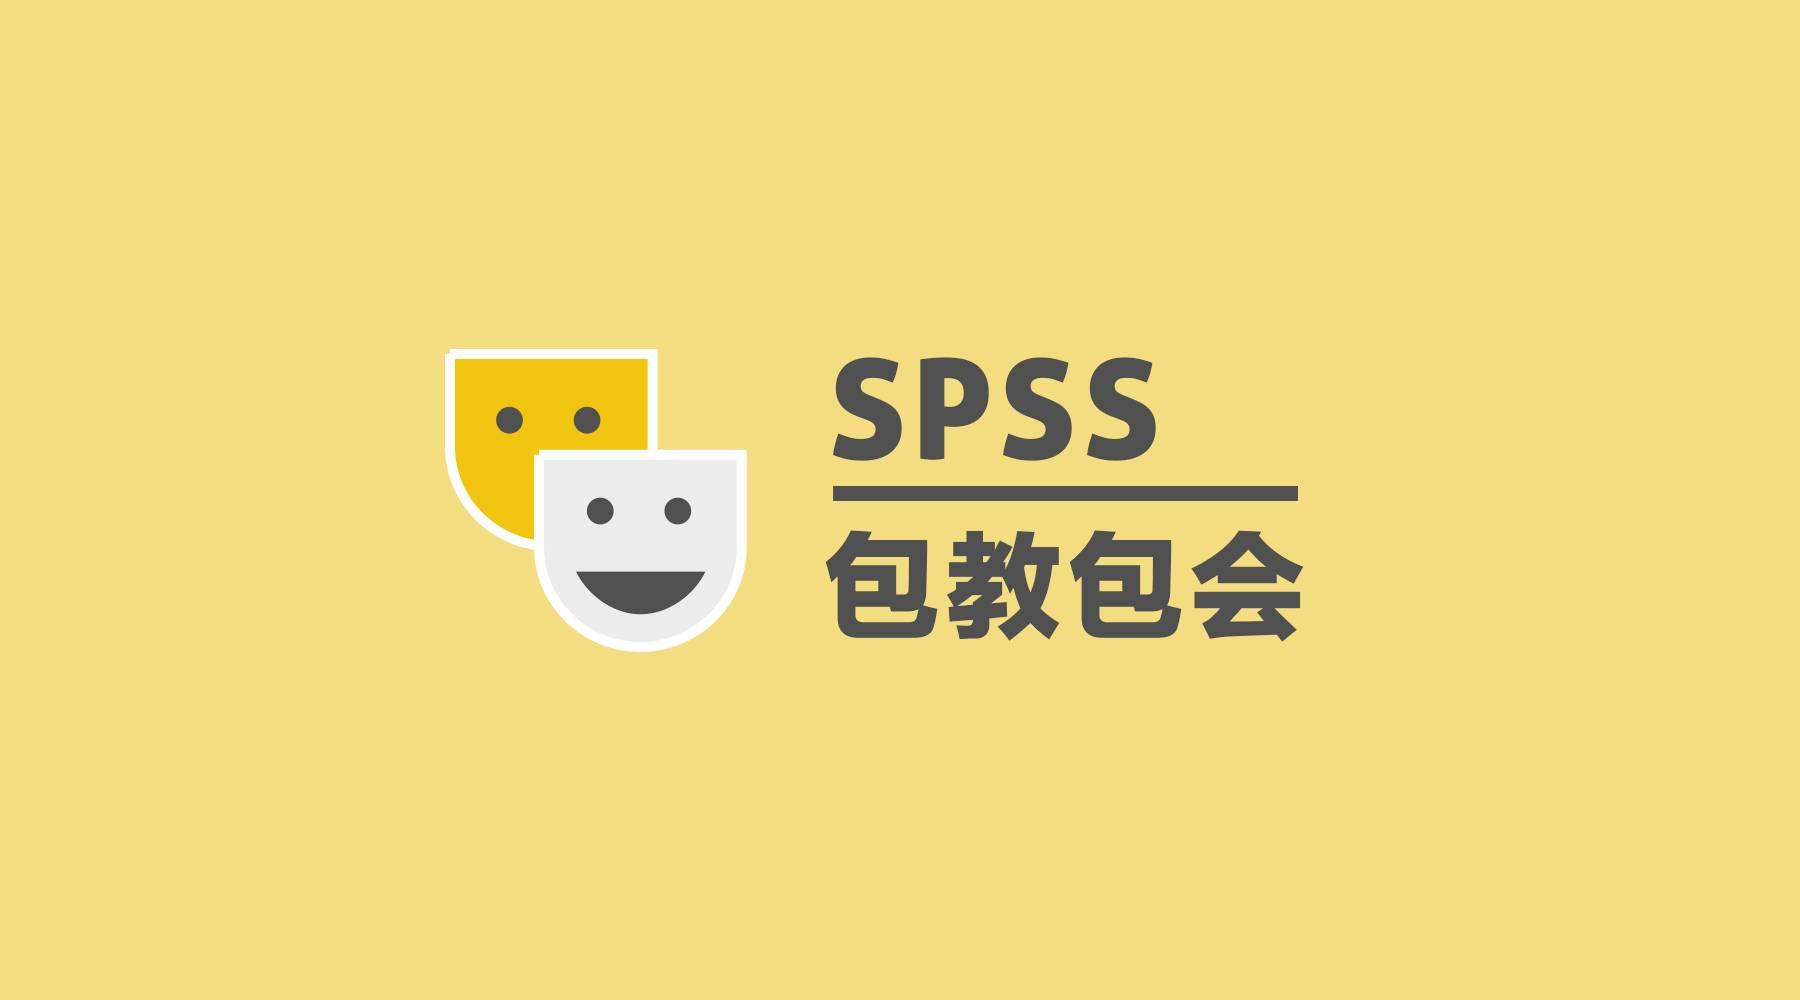 一维箱线图-SPSS教程